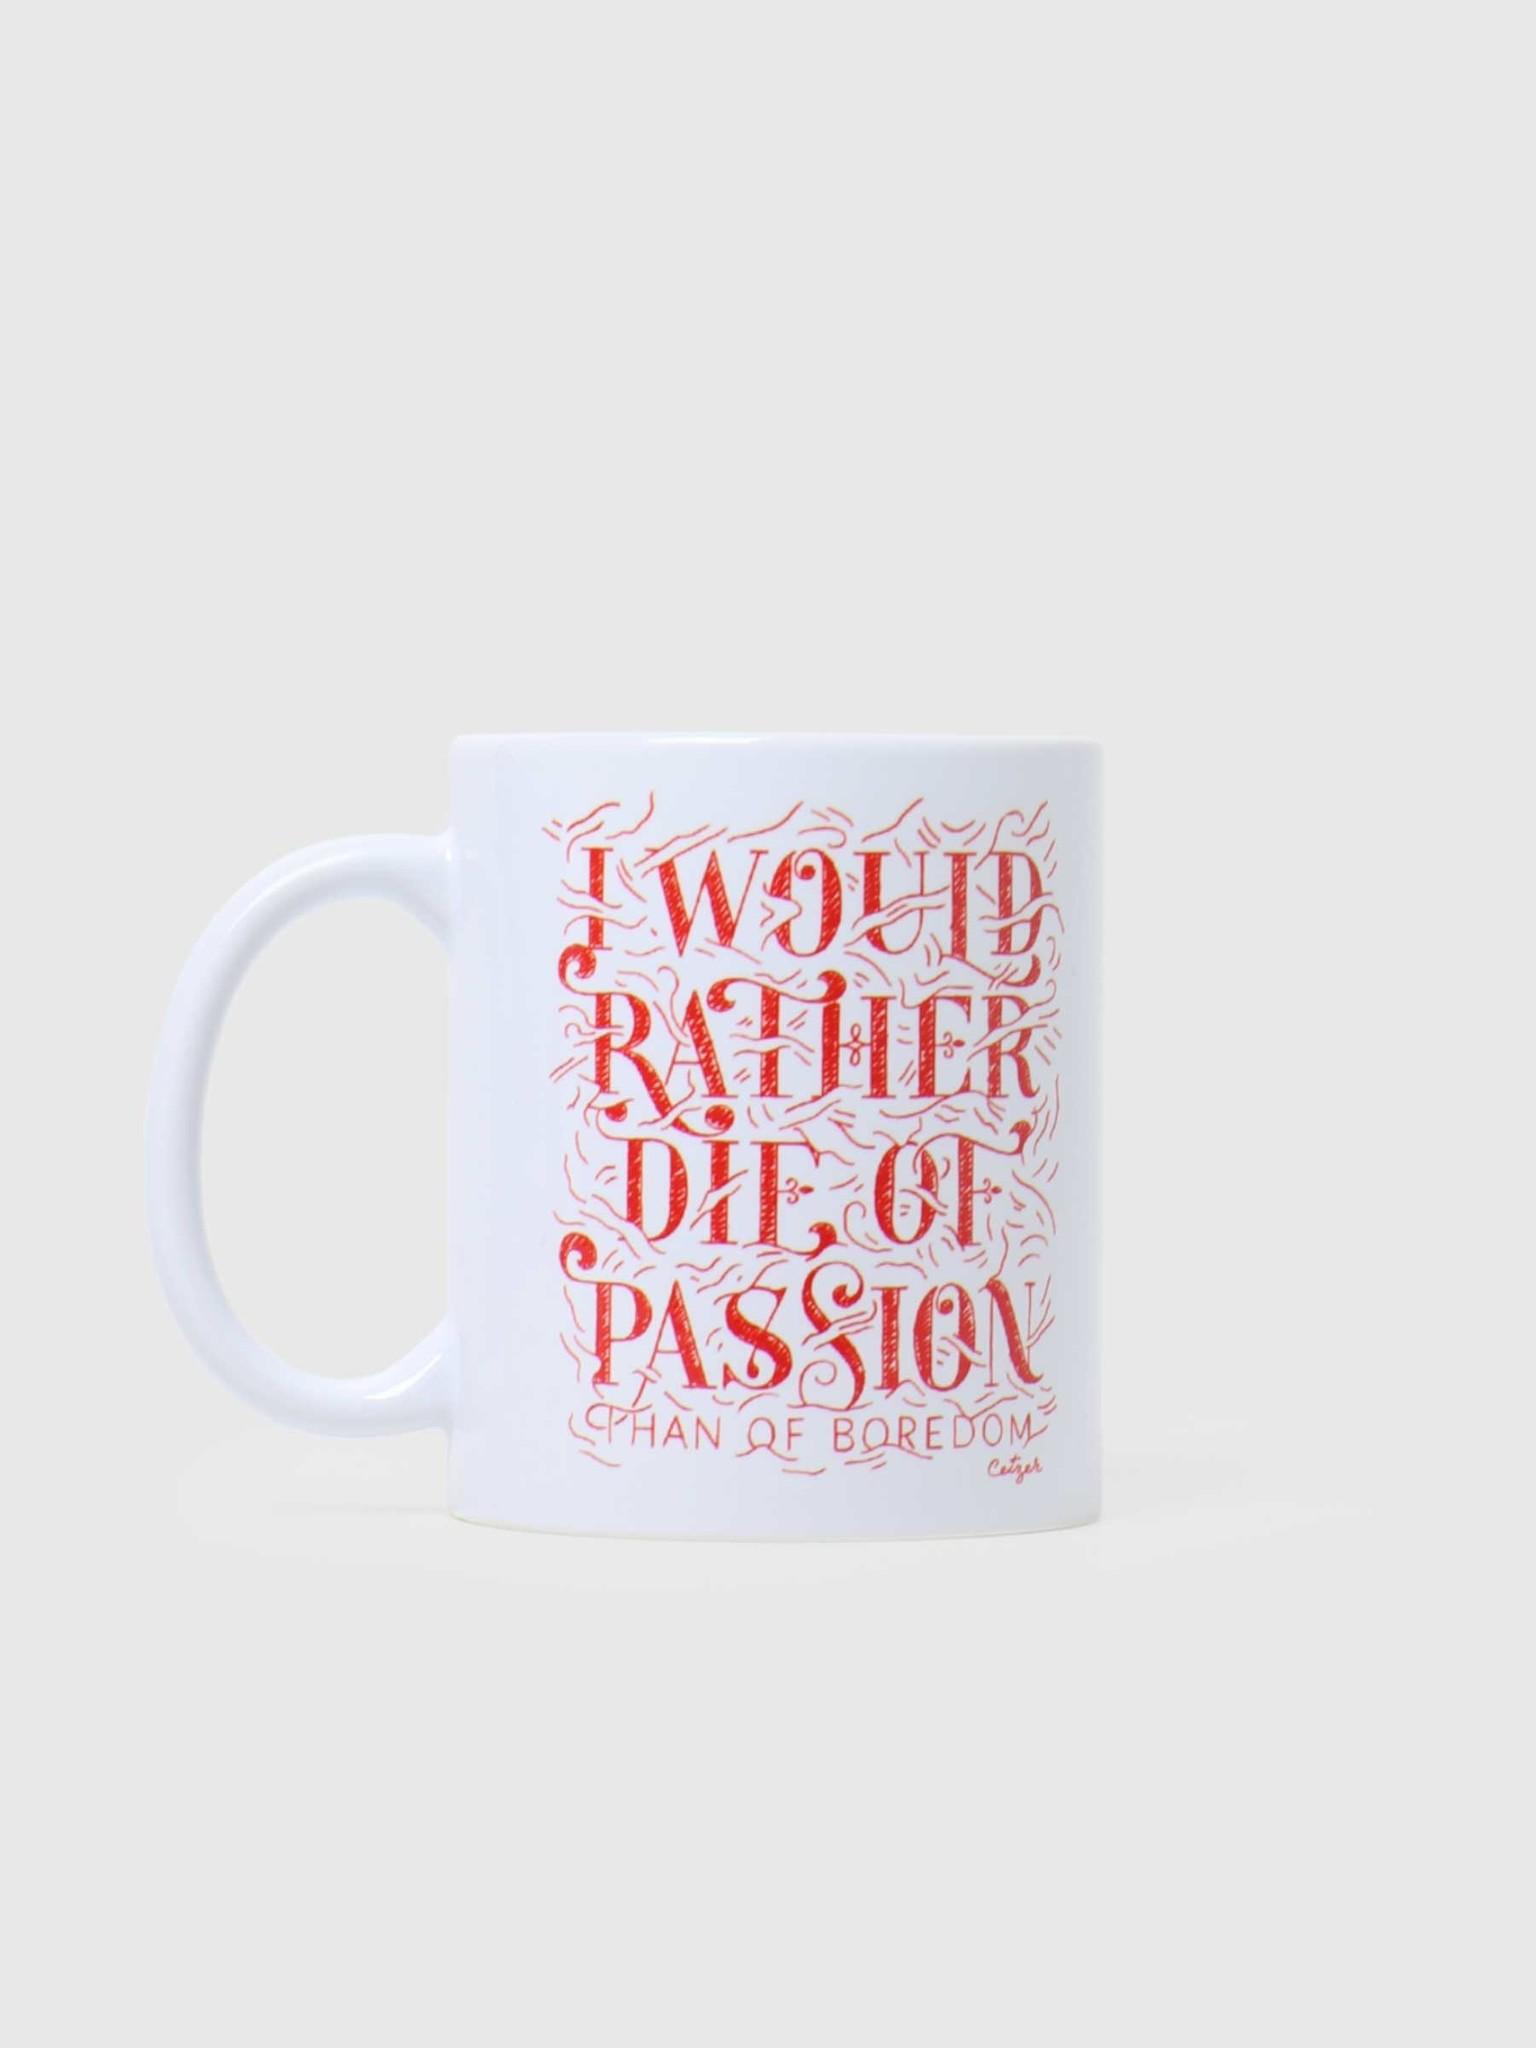 Ceizer Ceizer Passion Mug White VG009